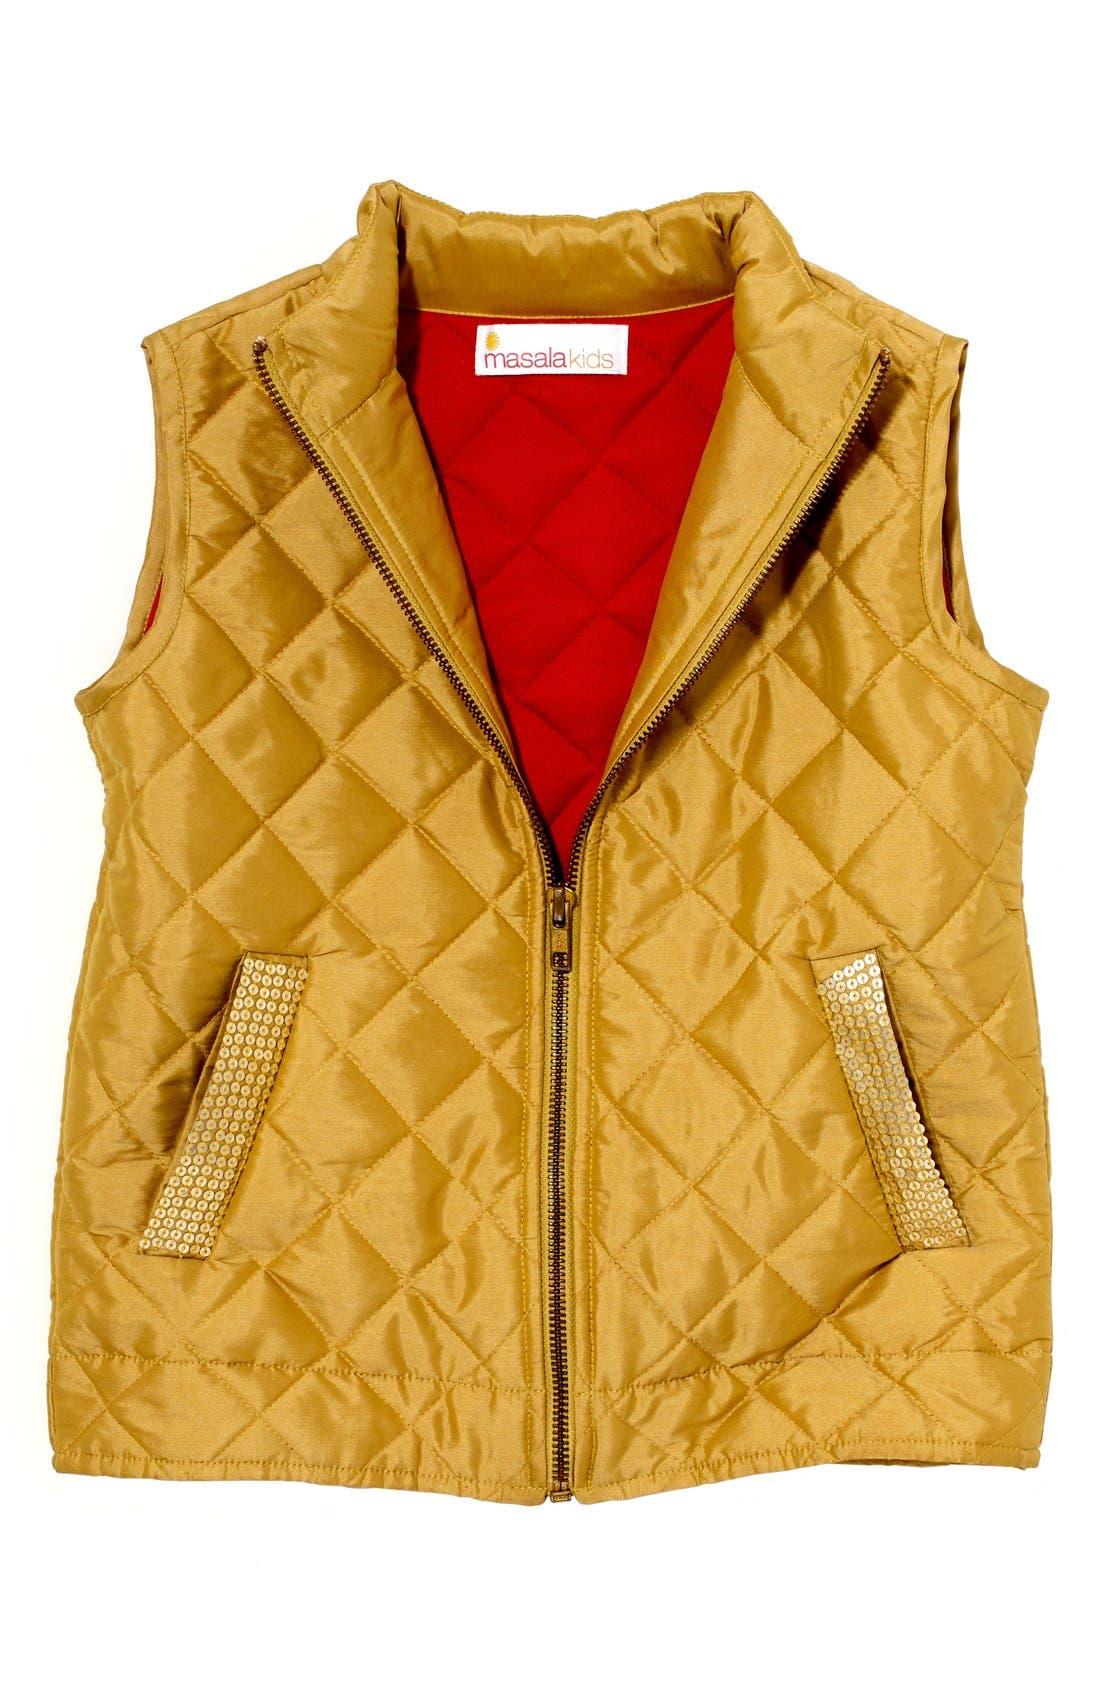 Alternate Image 1 Selected - Masalababy 'Estelle' Quilted Vest (Toddler Girls, Little Girls & Big Girls)